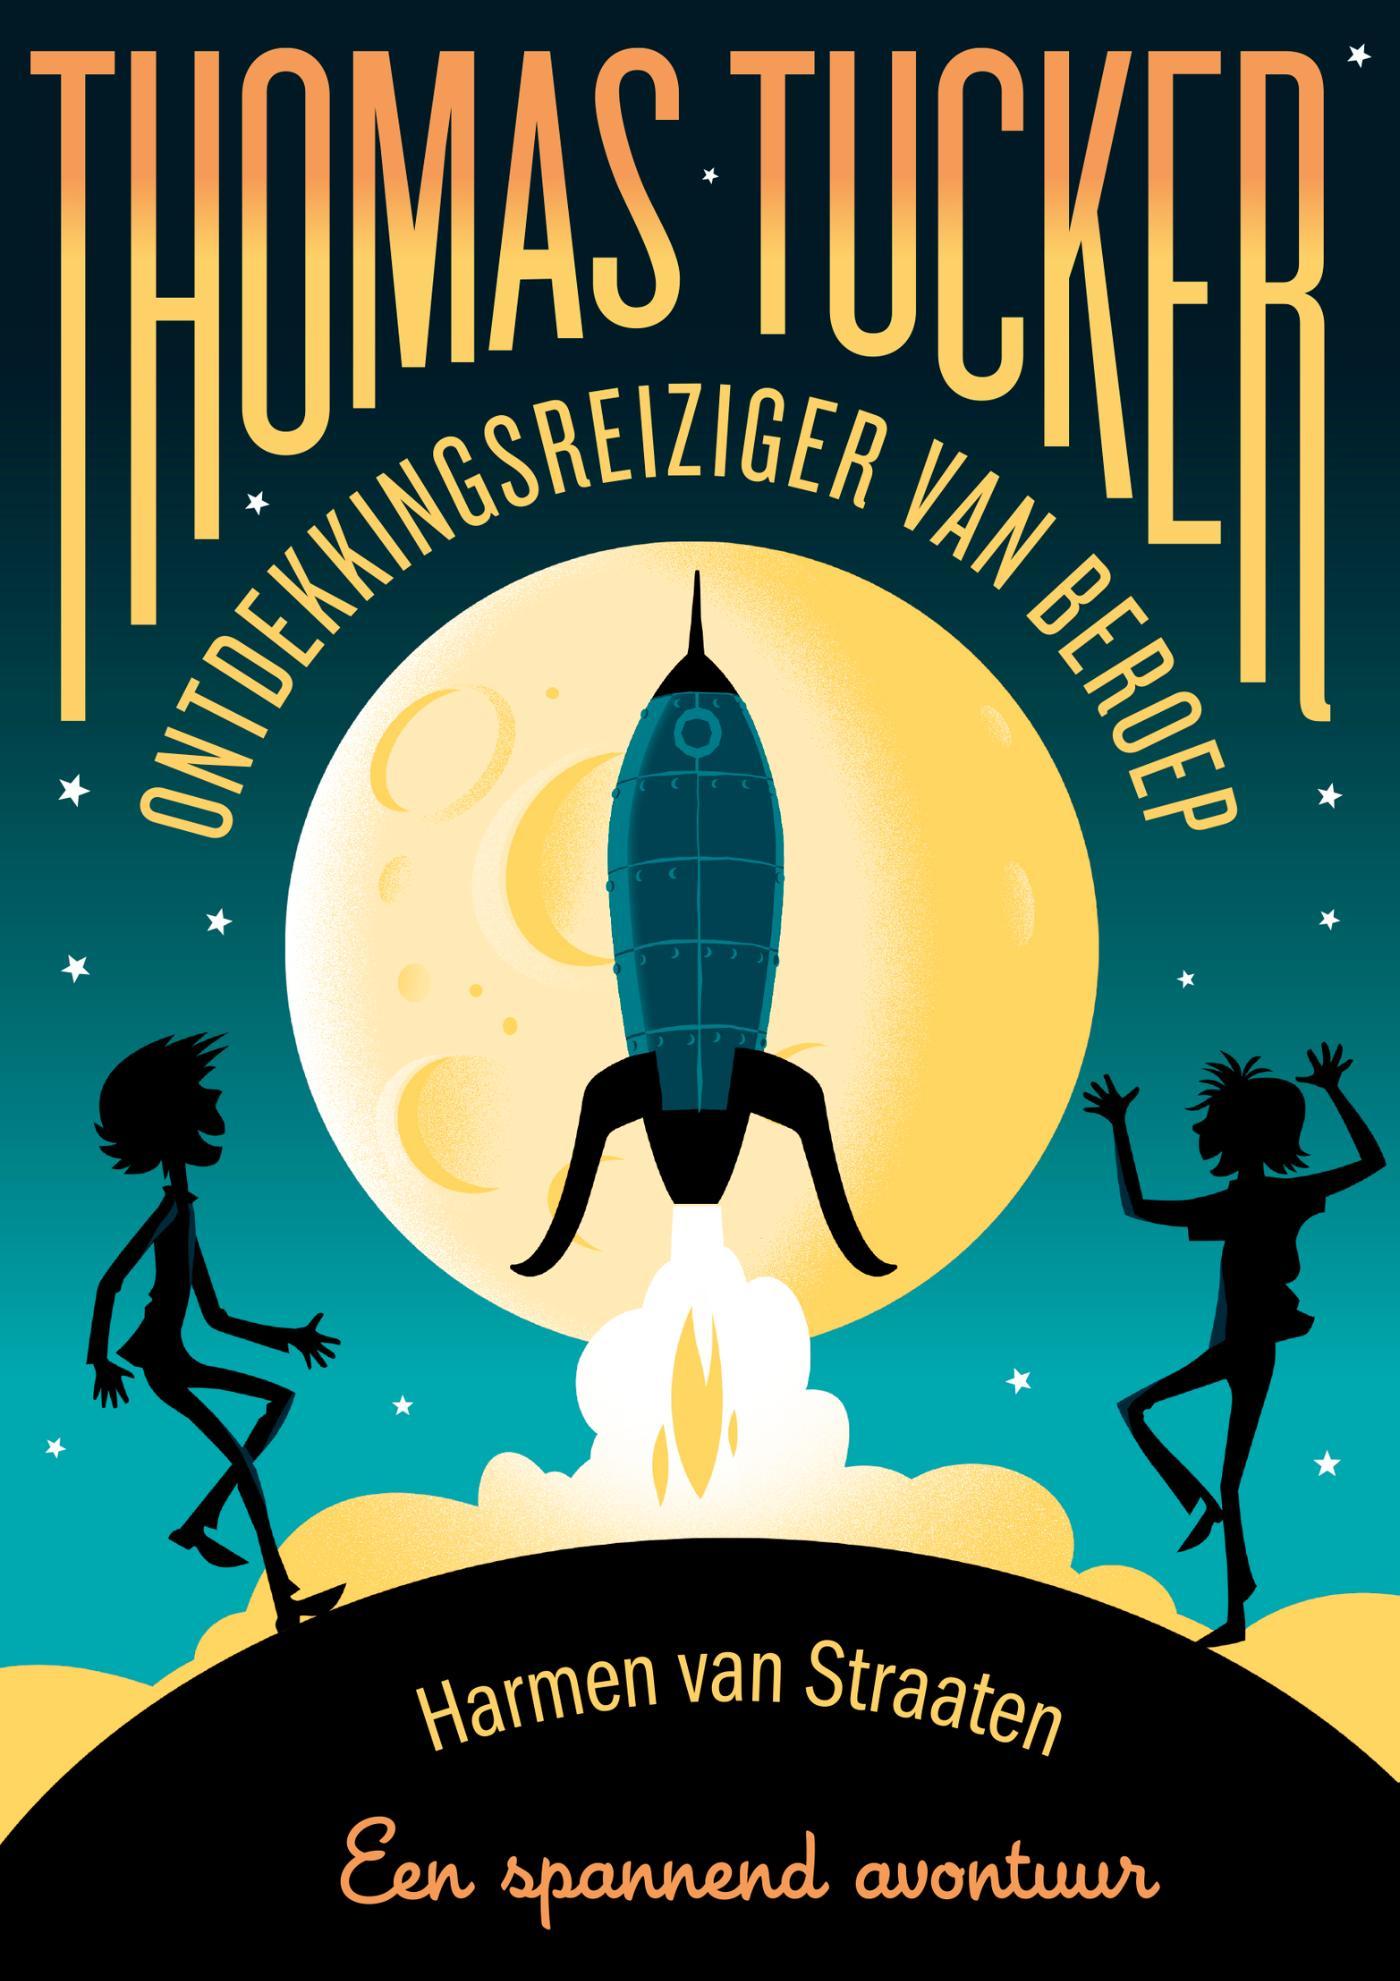 Cover Thomas Tucker - Ontdekkingsreiziger van beroep